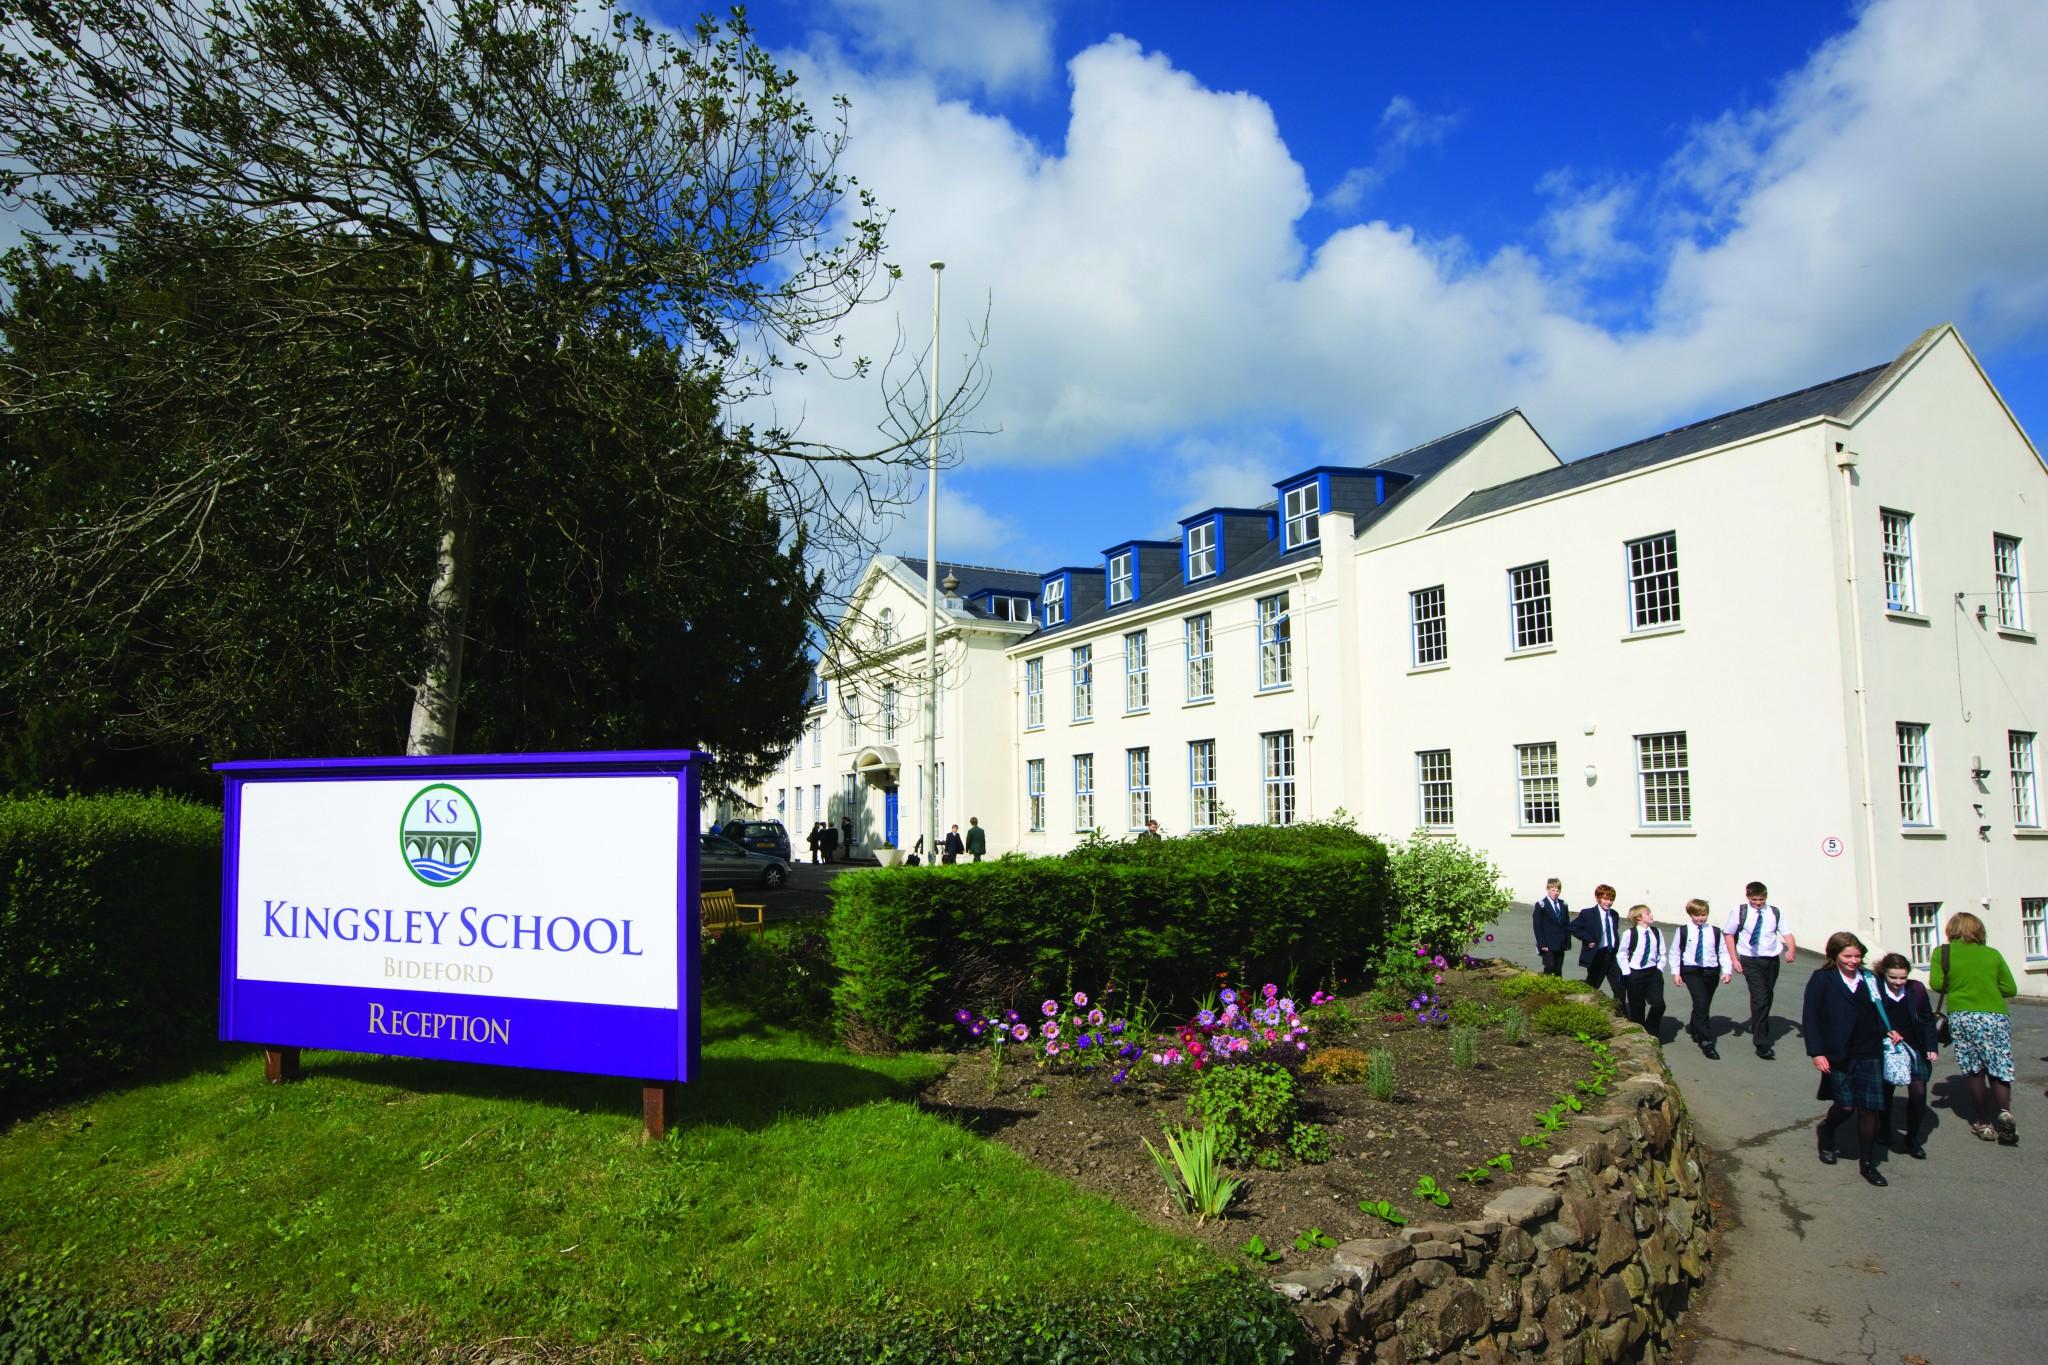 kingsley_school_bideford_uk_main_building.jpg